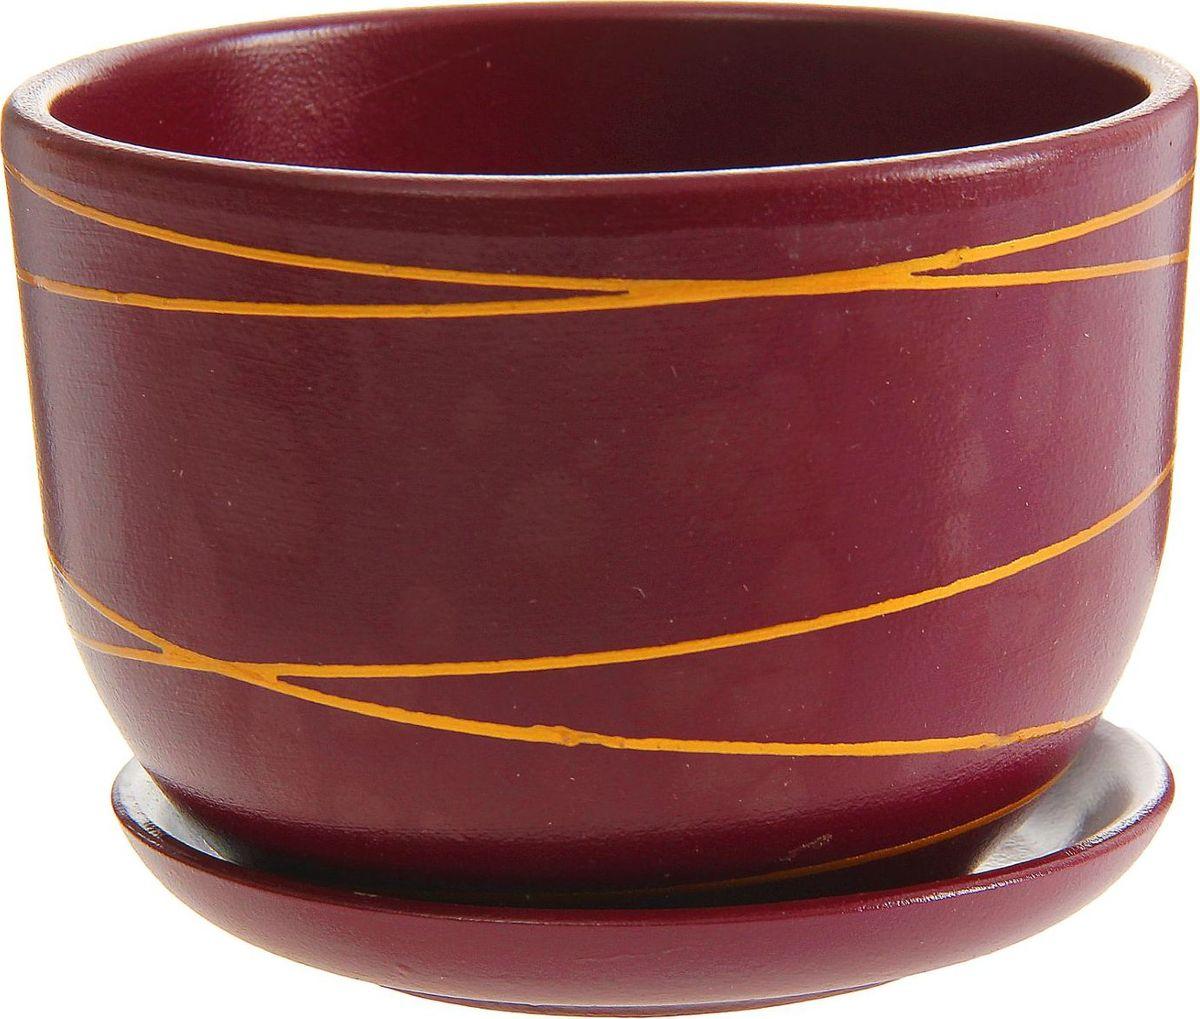 Кашпо Контраст, цвет: бордовый, оранжевый, 1,05 л1157272Комнатные растения — всеобщие любимцы. Они радуют глаз, насыщают помещение кислородом и украшают пространство. Каждому из них необходим свой удобный и красивый дом. Кашпо из керамики прекрасно подходят для высадки растений: за счёт пластичности глины и разных способов обработки существует великое множество форм и дизайновпористый материал позволяет испаряться лишней влагевоздух, необходимый для дыхания корней, проникает сквозь керамические стенки! #name# позаботится о зелёном питомце, освежит интерьер и подчеркнёт его стиль.